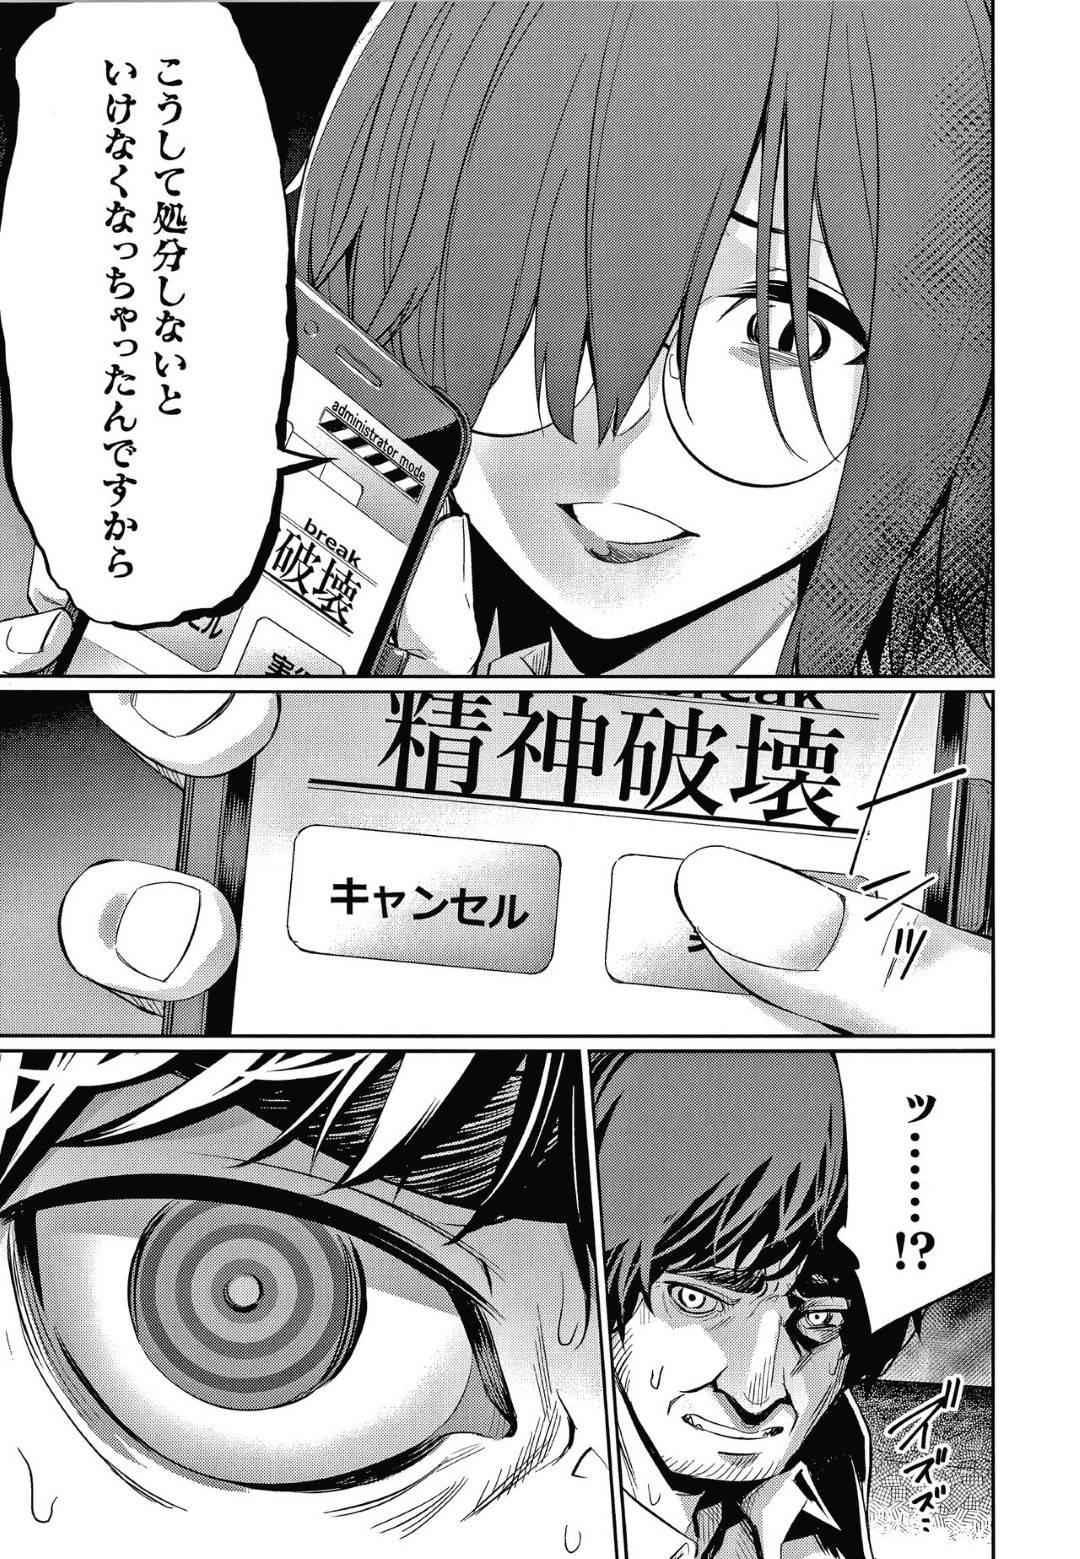 【催眠エロ漫画】先生は、催眠アプリの開発者である養護教諭にハメられていた事を知るも、洗脳されたJKに中出しセックスで犯されアクメする【yasu】